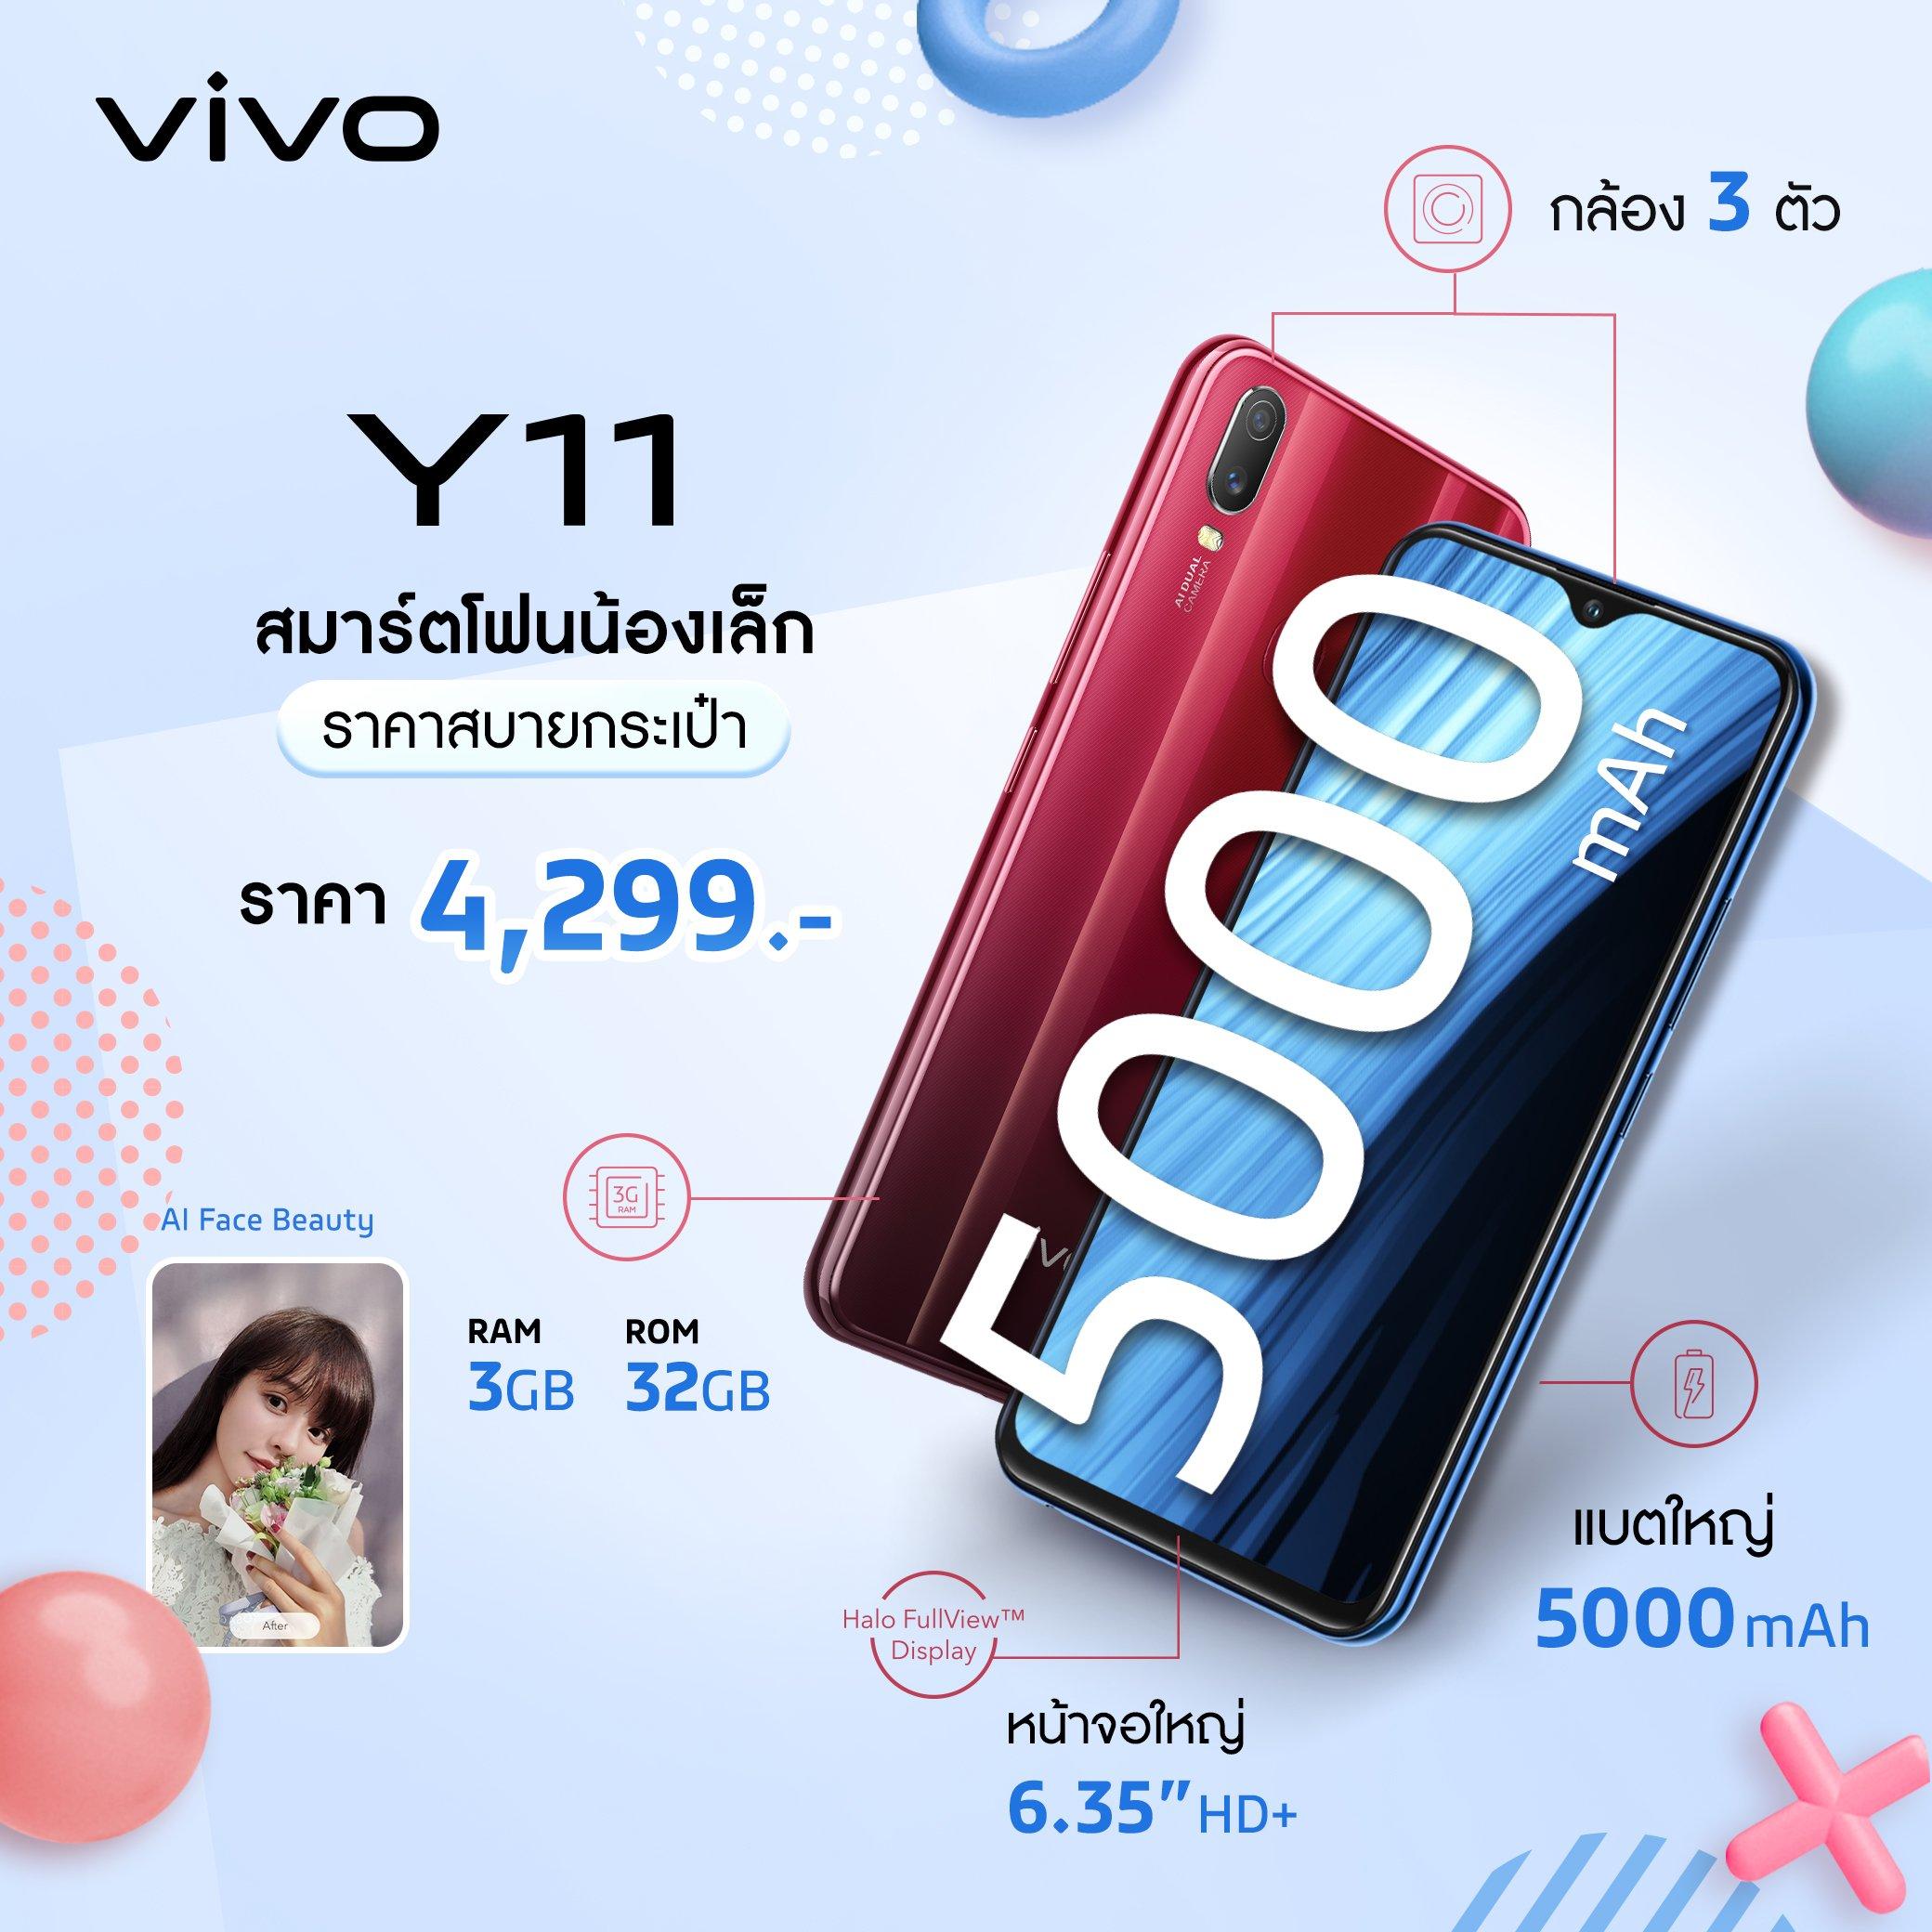 pr_vivo_2020_6